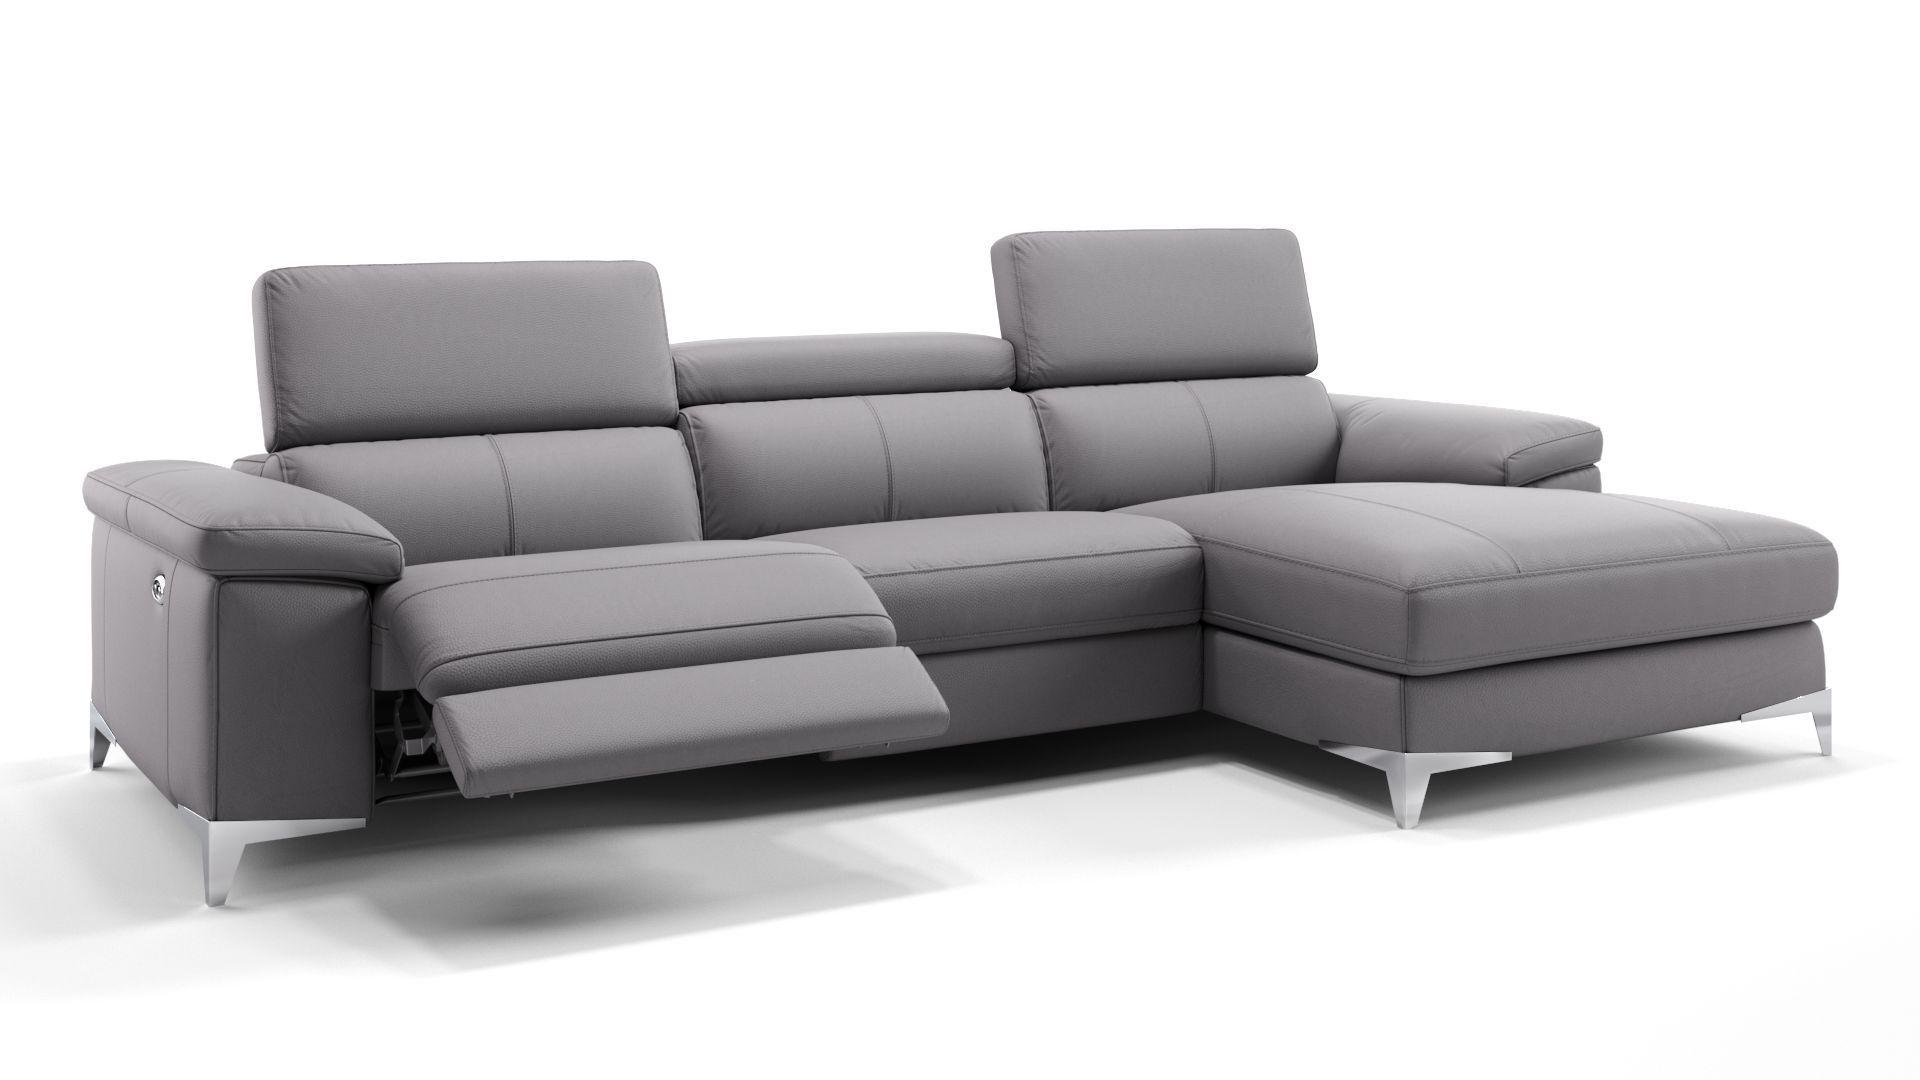 Genial Ecksofa Leder Grau Sofa Mit Relaxfunktion Sofa Couch